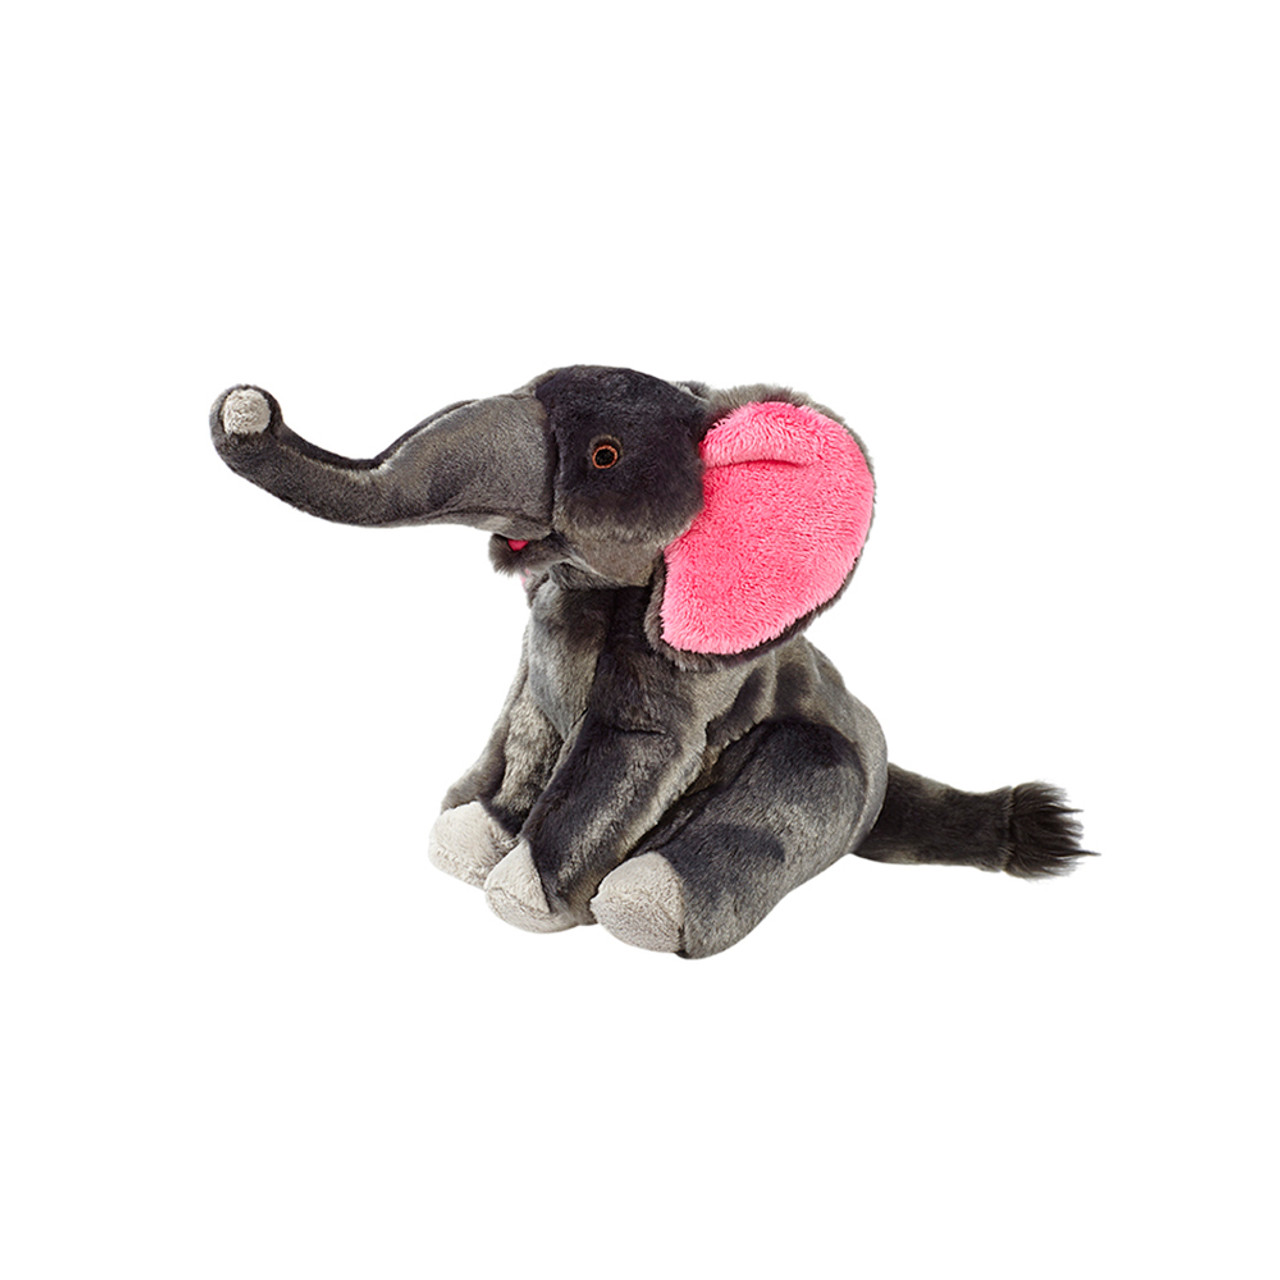 Fluff & Tuff Edsel Elephant Plush Dog Toy